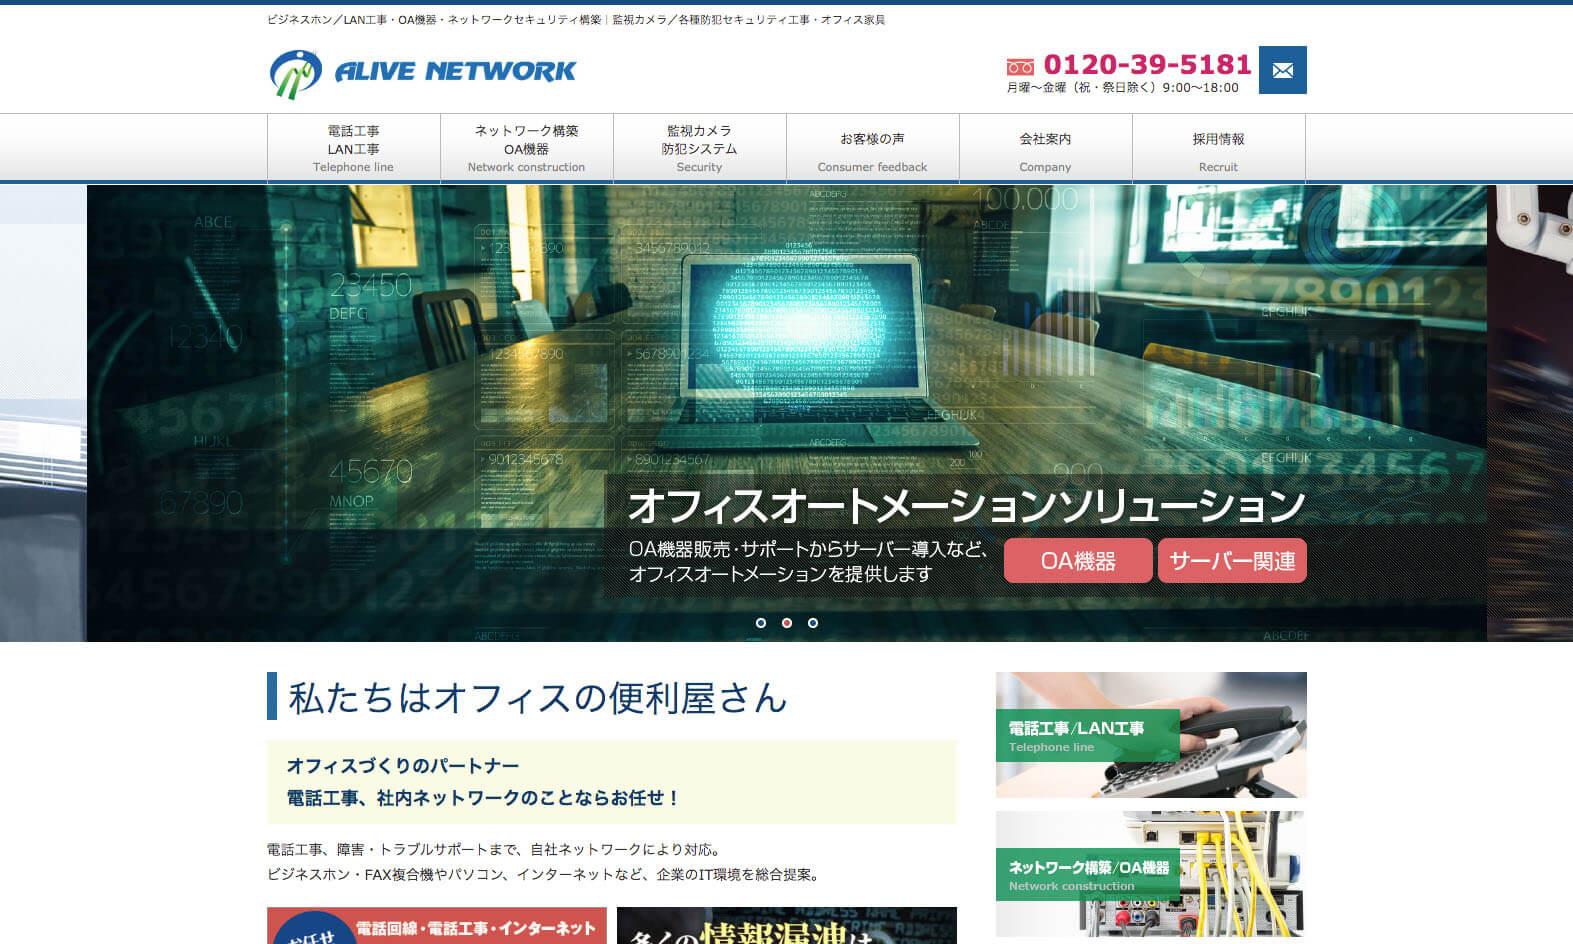 株式会社アライヴネットワーク